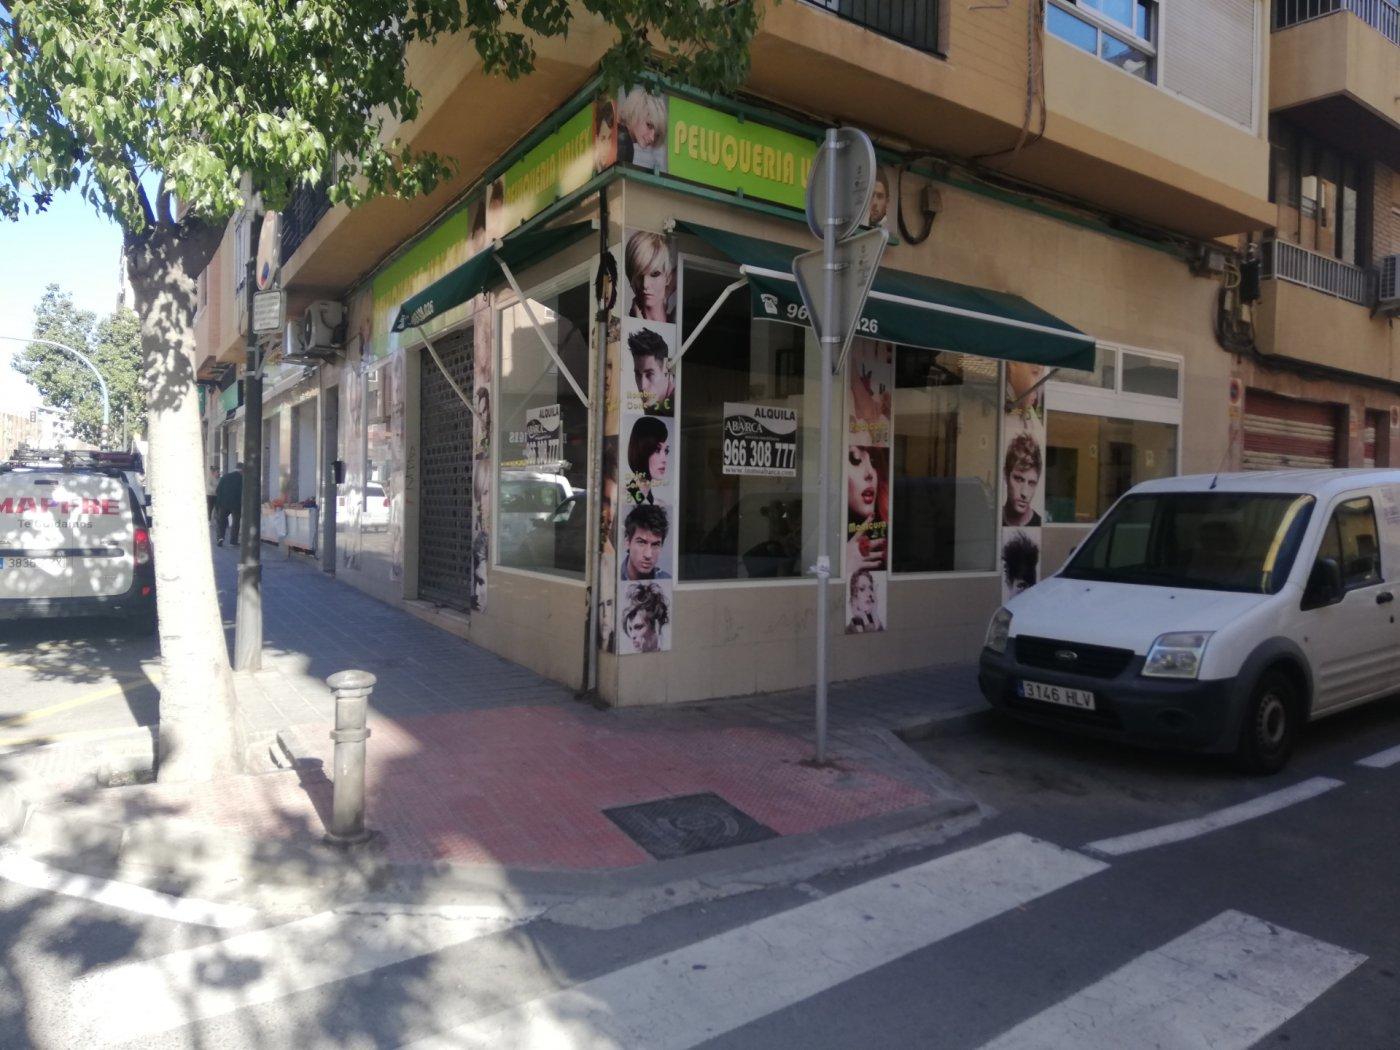 Locales comerciales - abg04360